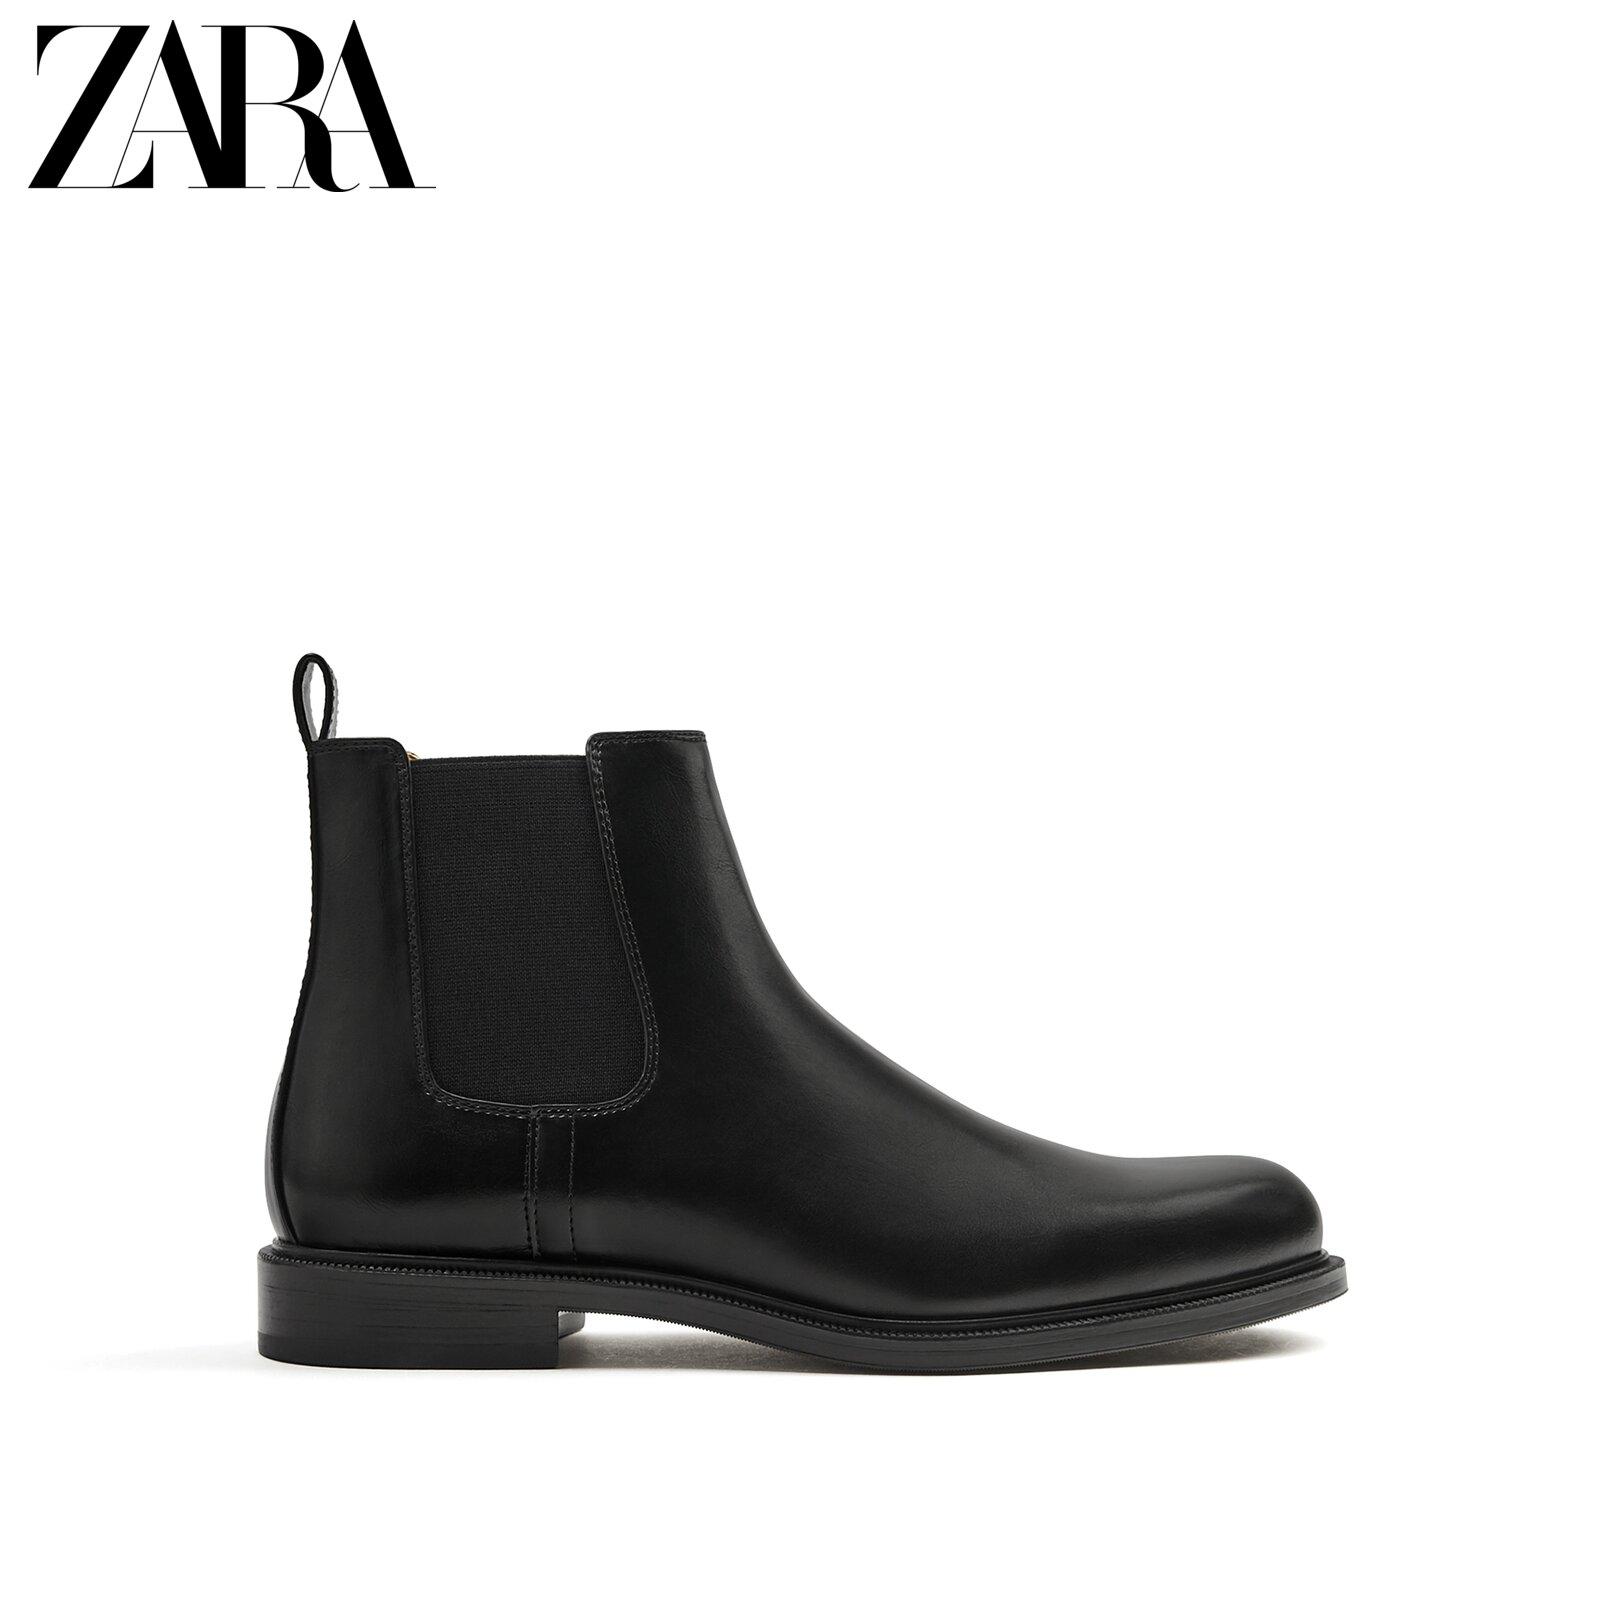 ZARA 12010720040 男士短靴